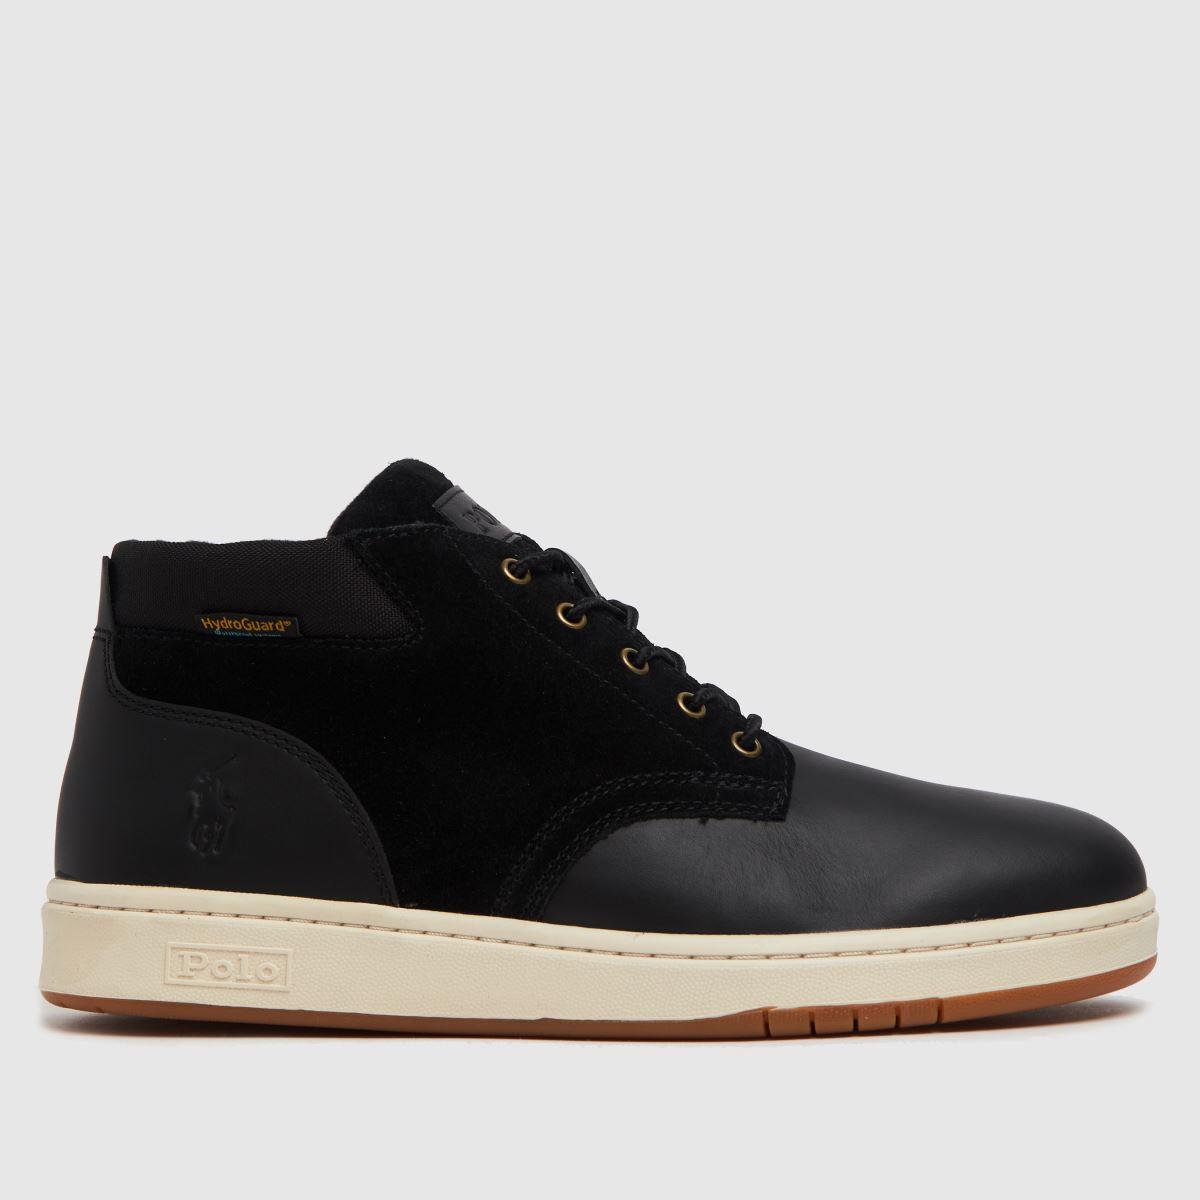 Polo Ralph Lauren Black Sneaker Boot Waterproof Boots